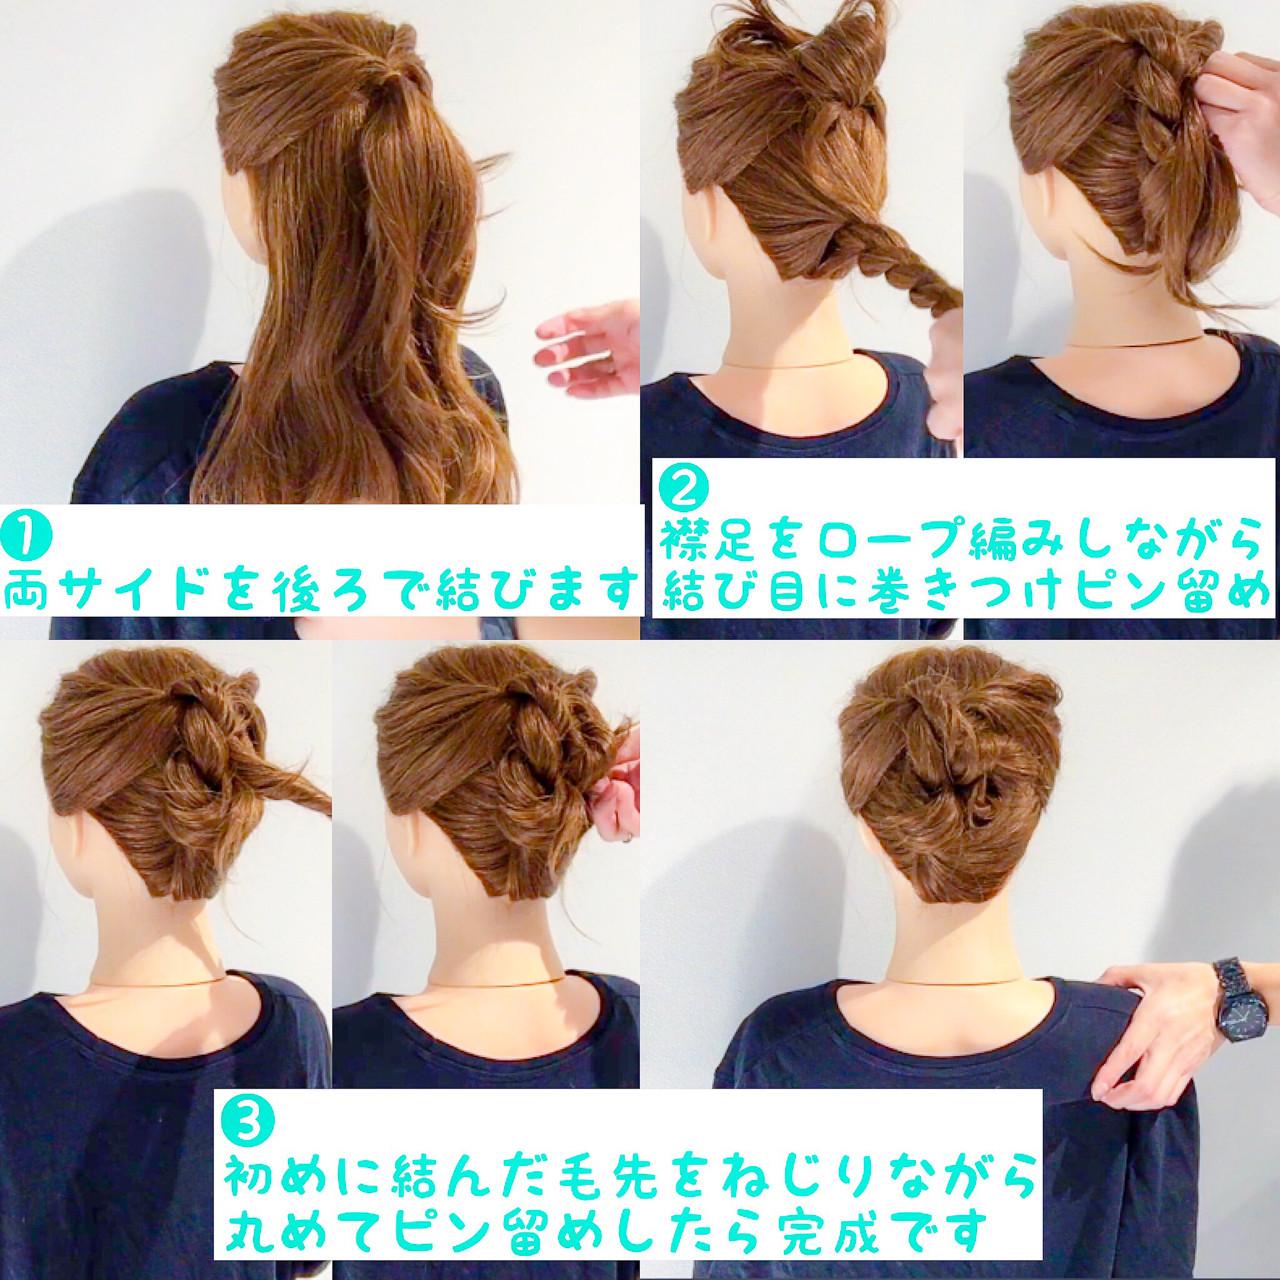 デート ヘアアレンジ エレガント 結婚式 ヘアスタイルや髪型の写真・画像 | 美容師HIRO/Amoute代表 / Amoute/アムティ